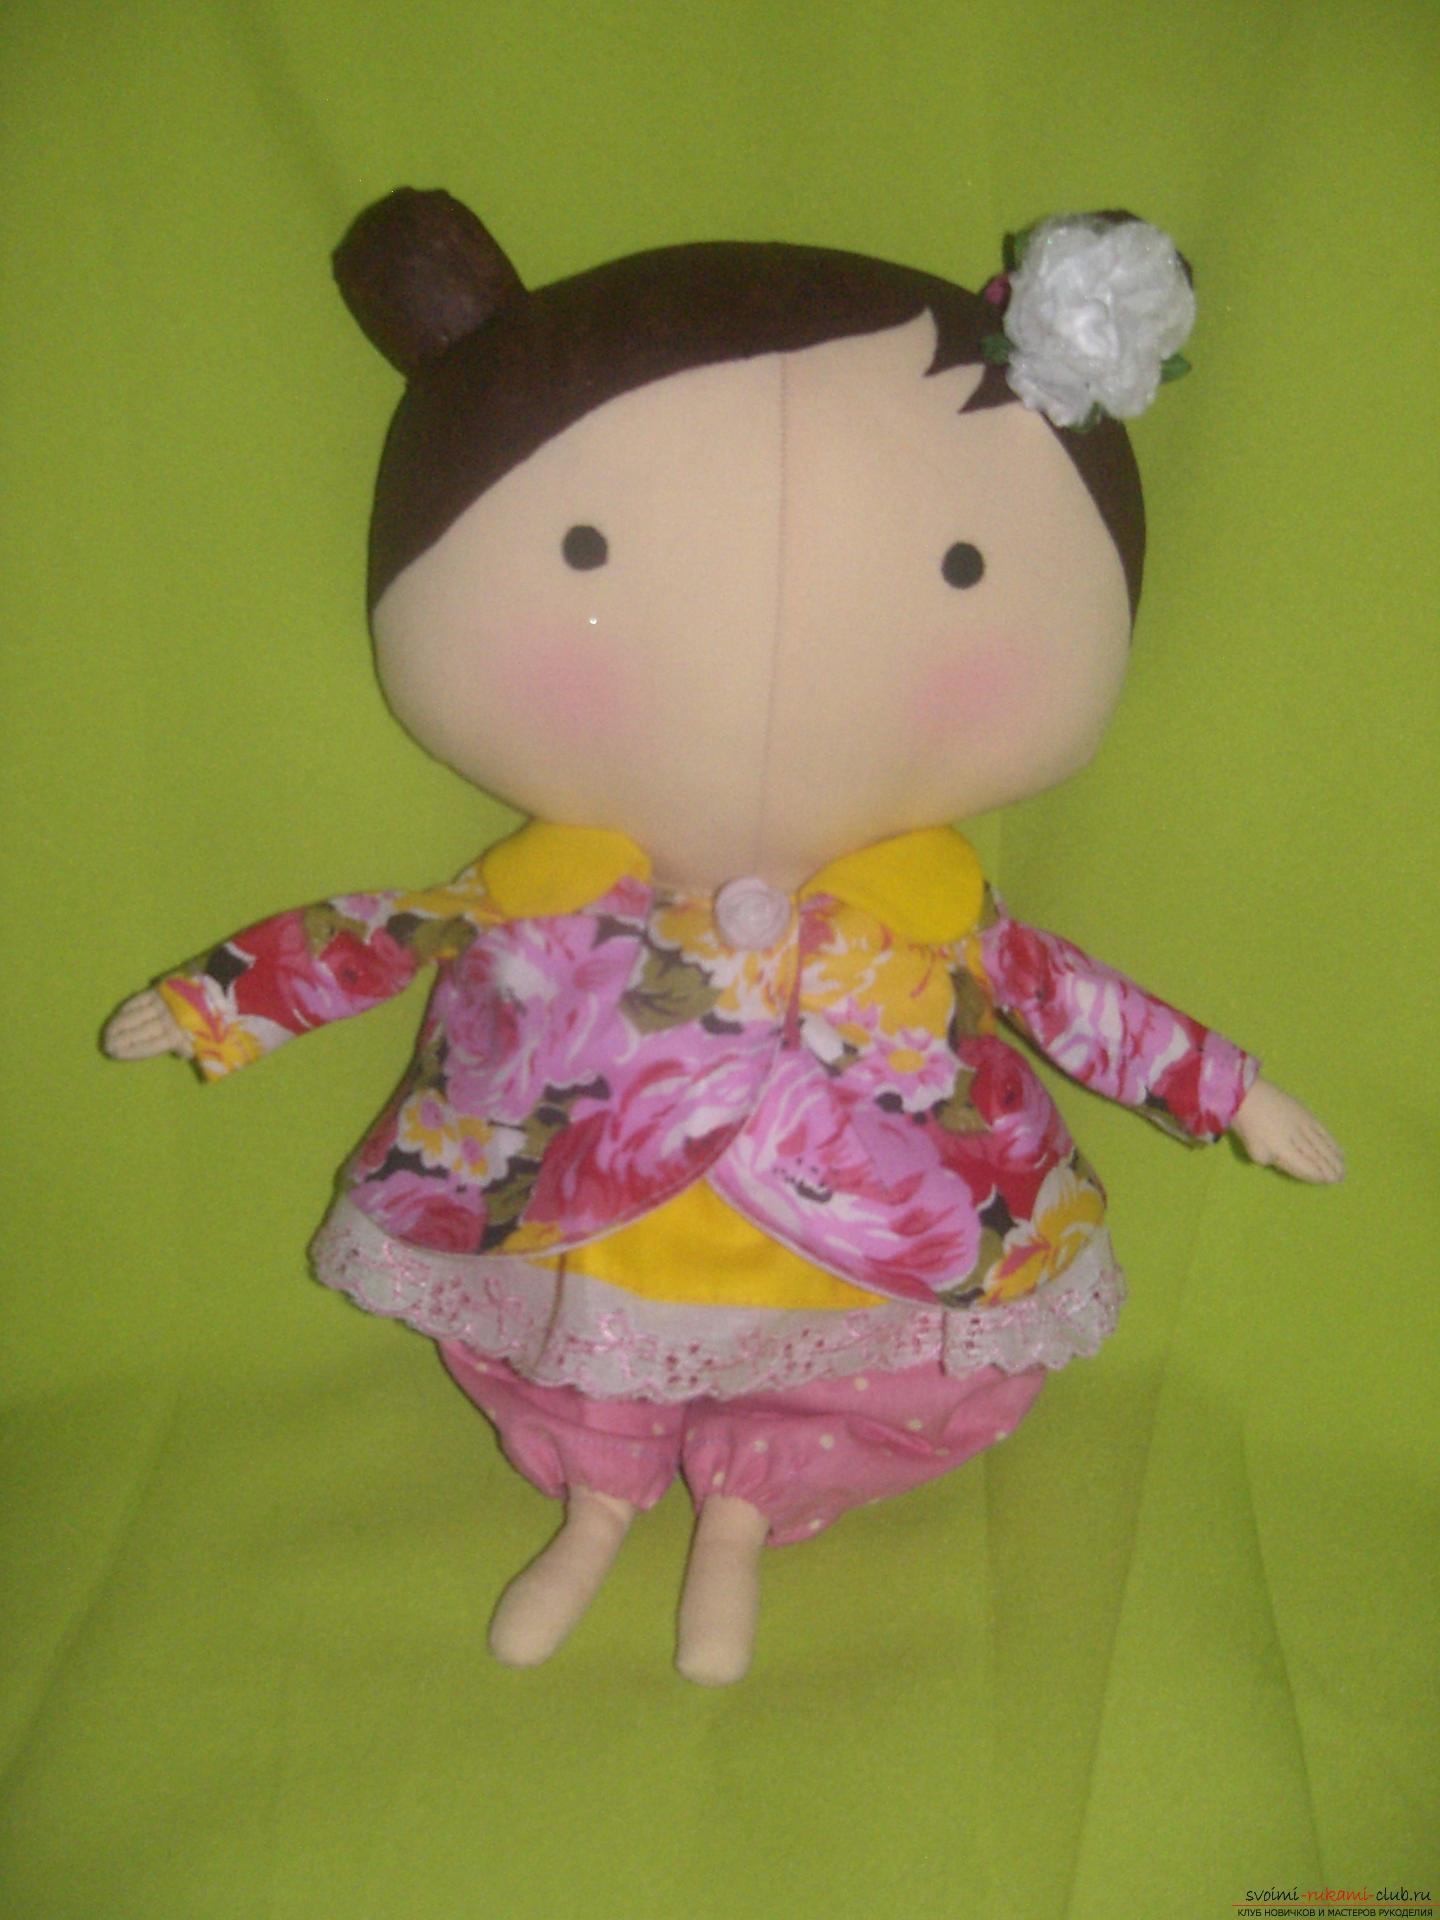 Куклы своими руками из ткани: пошаговые мастер-классы с фото 54